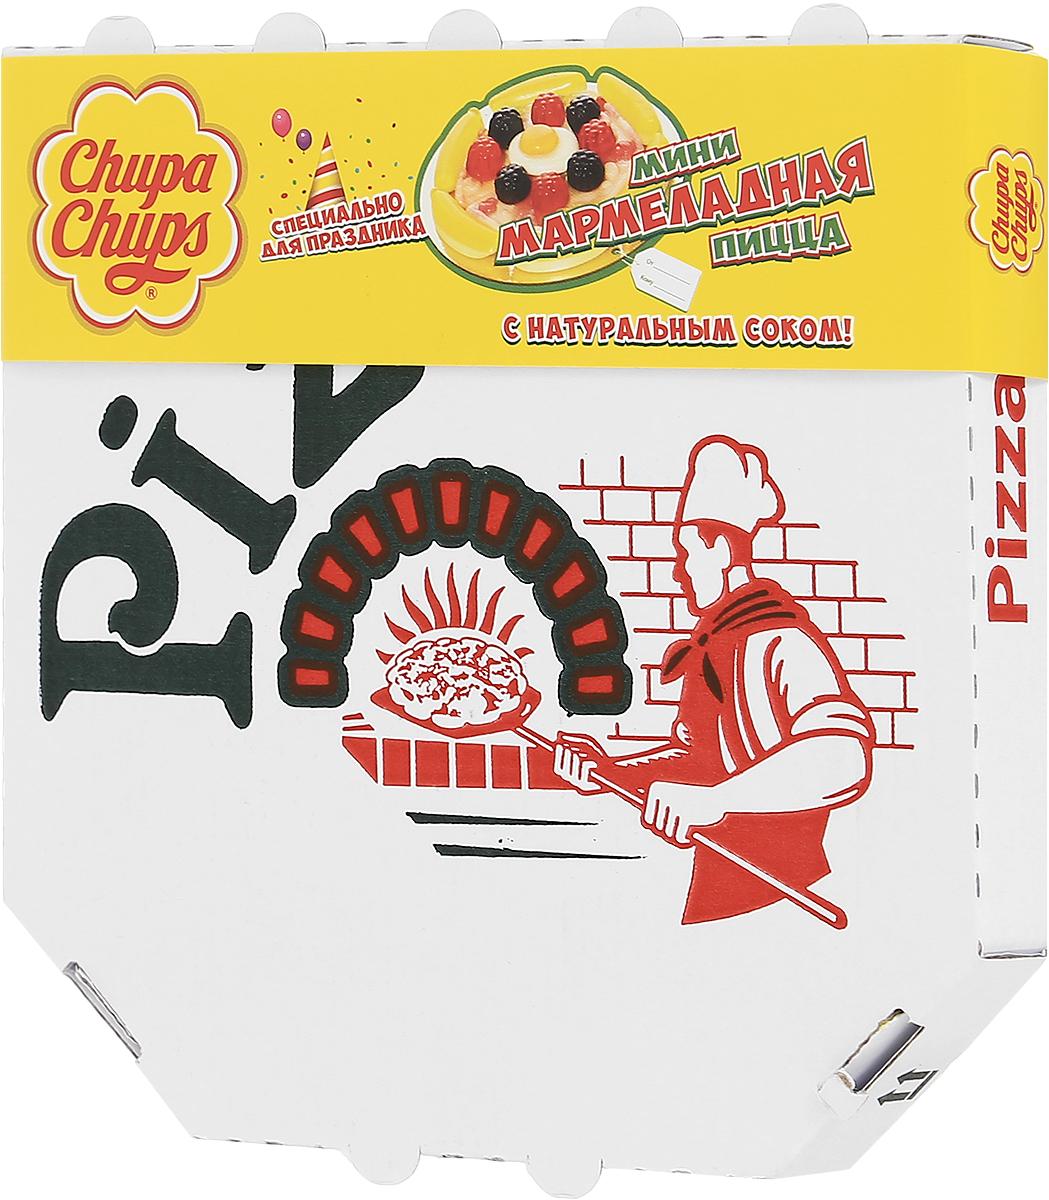 Chupa Chups Мармеладная пицца мини жевательный мармелад, 85 г0120710Необыкновенно аппетитная форма лакомства вызовет искренний интерес на детском празднике, а насыщенный фруктовый вкус поднимет настроение даже в самую угрюмую погоду